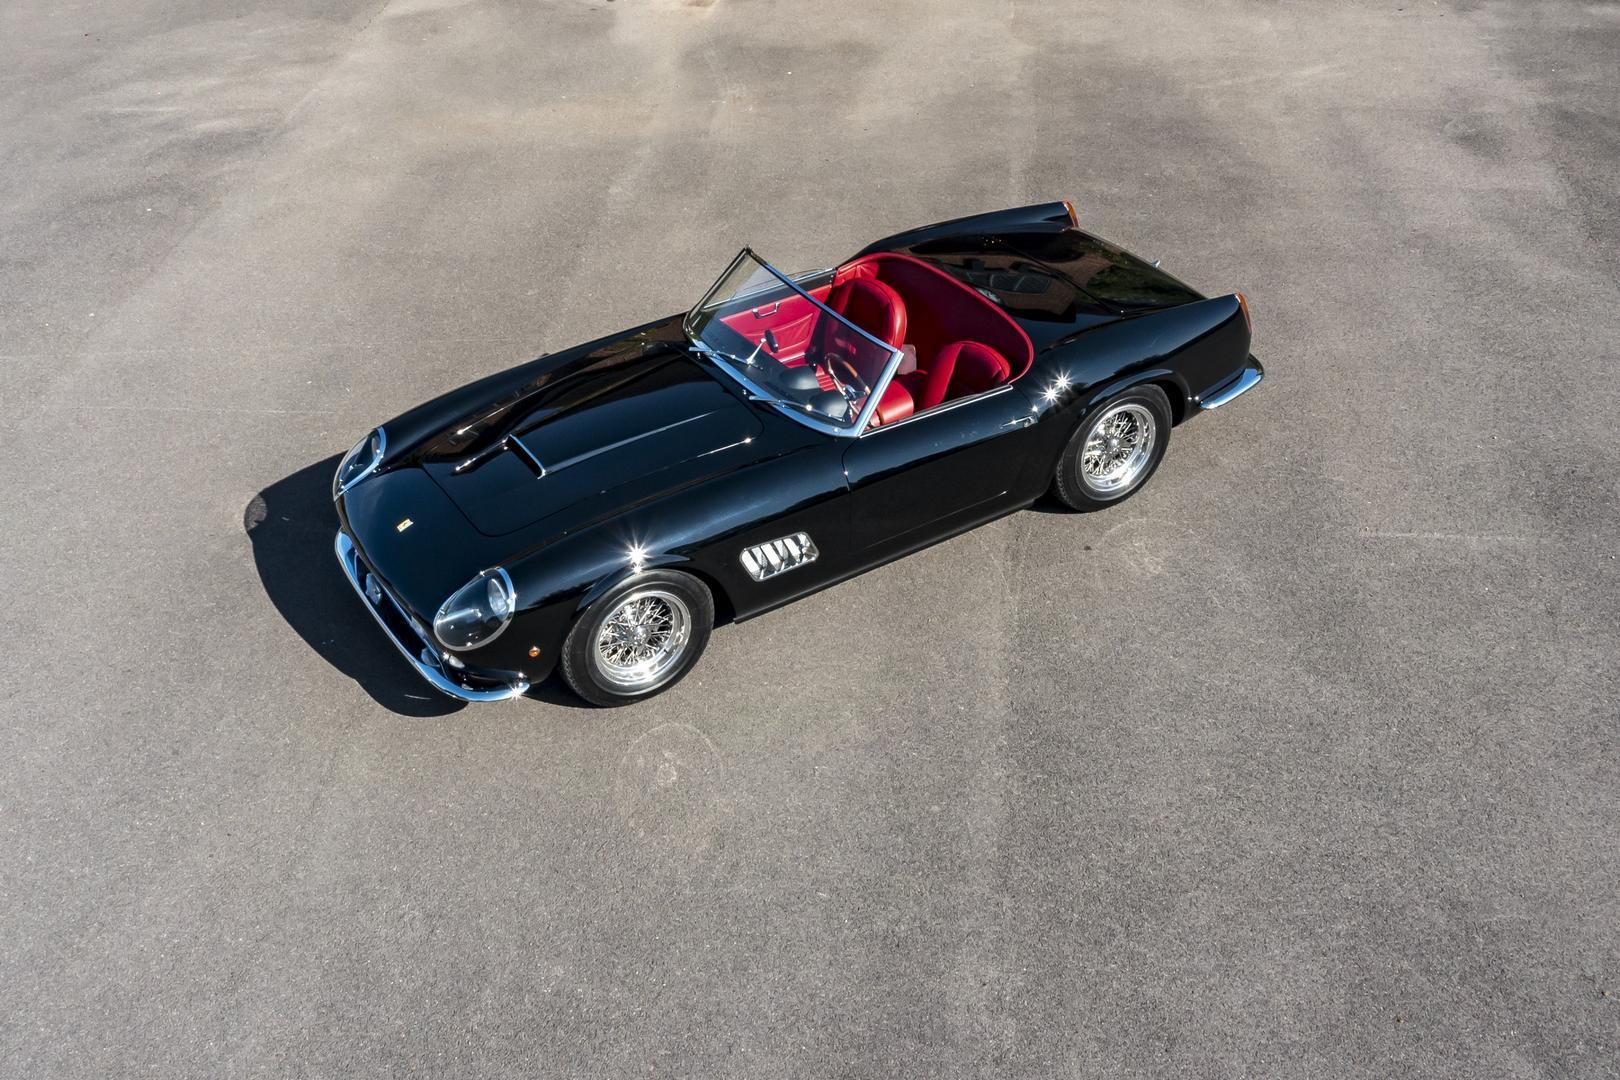 California Spyder Revival может быть настроен так, как пожелает покупатель. Автомобиль будет оснащен стандартным 3,0-литровым, модернизированным 3,5-литровым или 4,0-литровым двигателем, соединенным со стандартной четырех- или пятиступенчатой механич